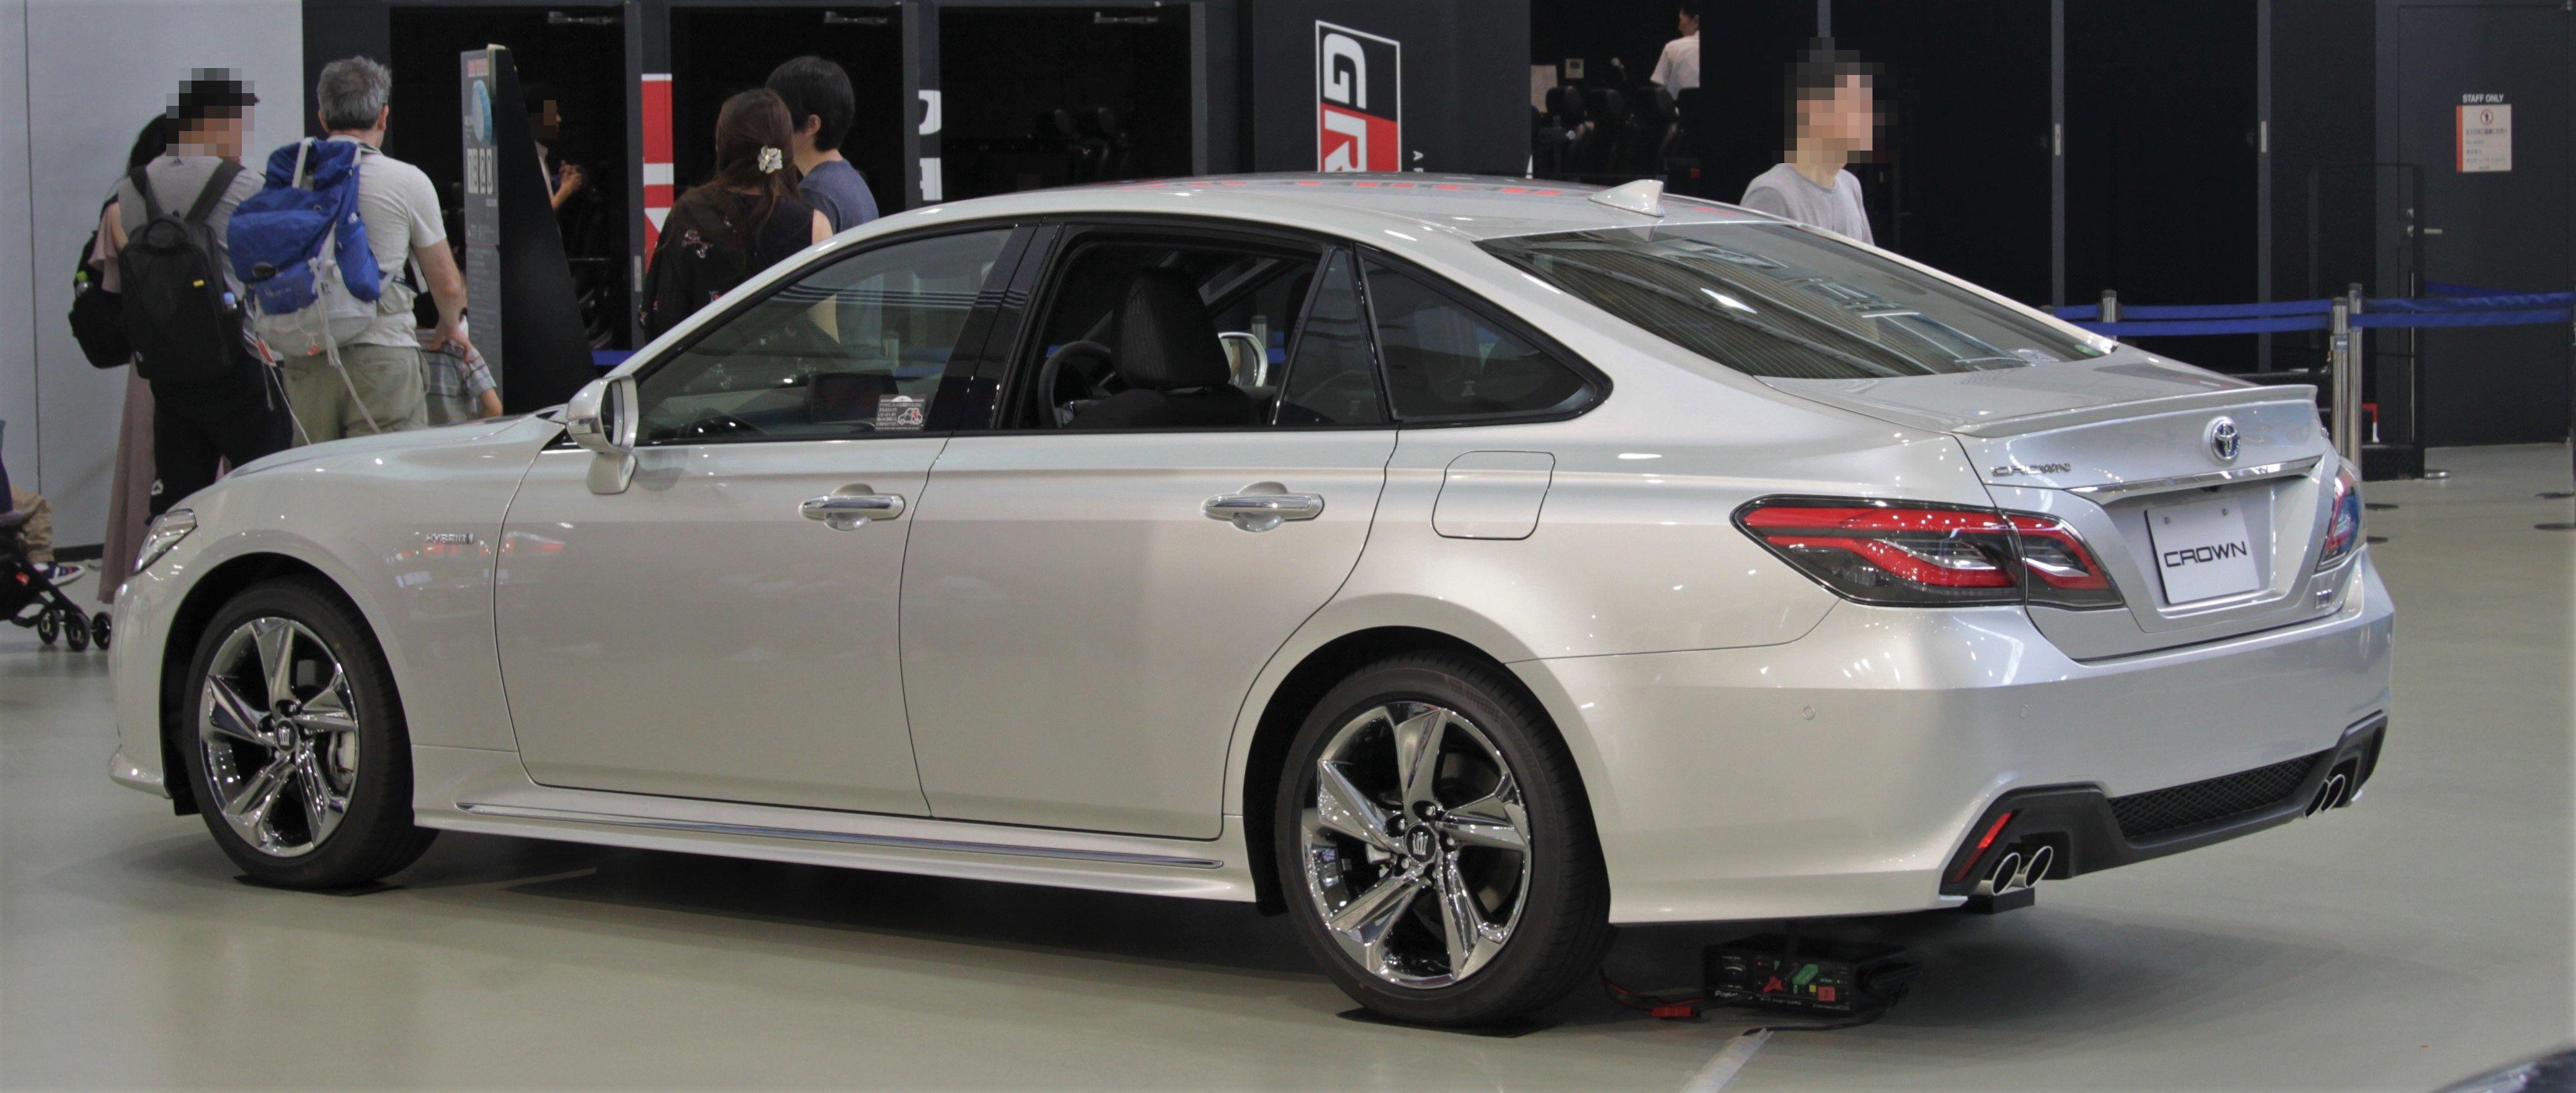 Kelebihan Toyota Rs Murah Berkualitas